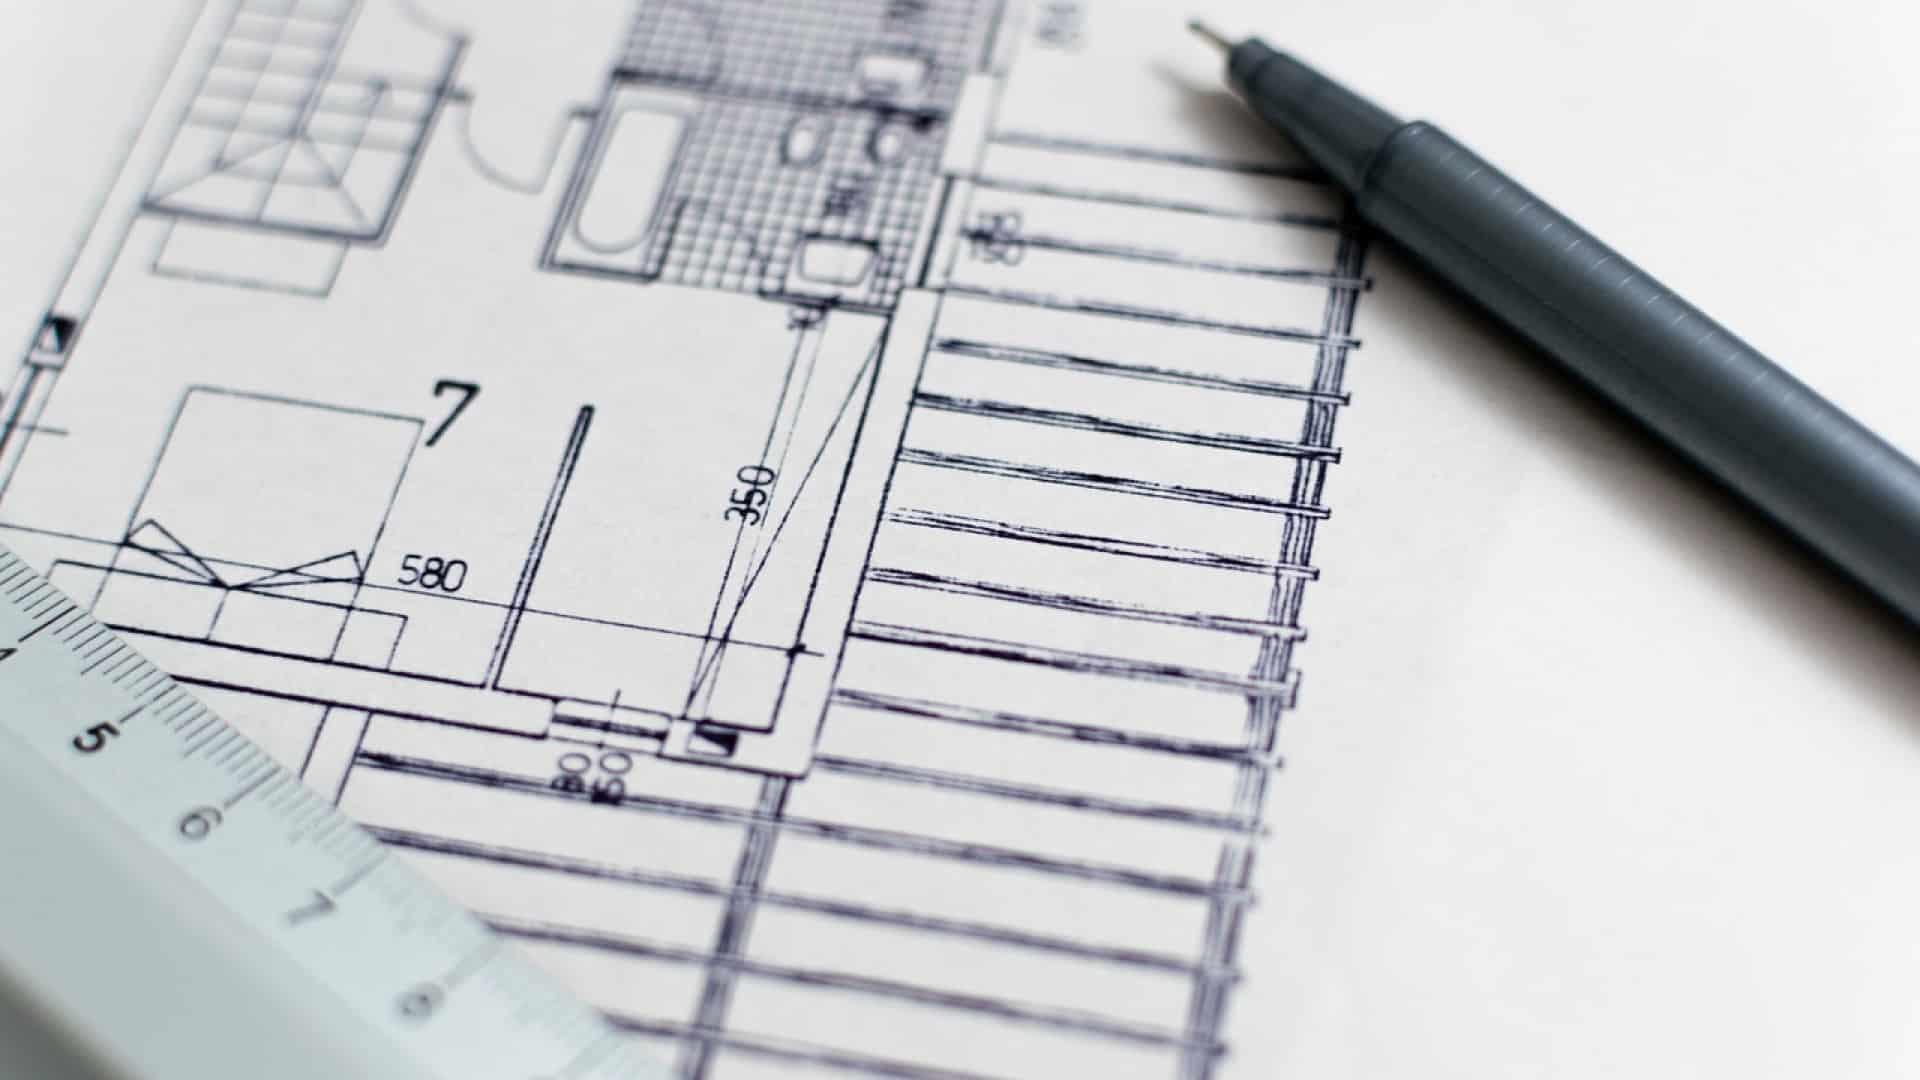 La maîtrise des projets d'étude, de construction ou de réhabilitation